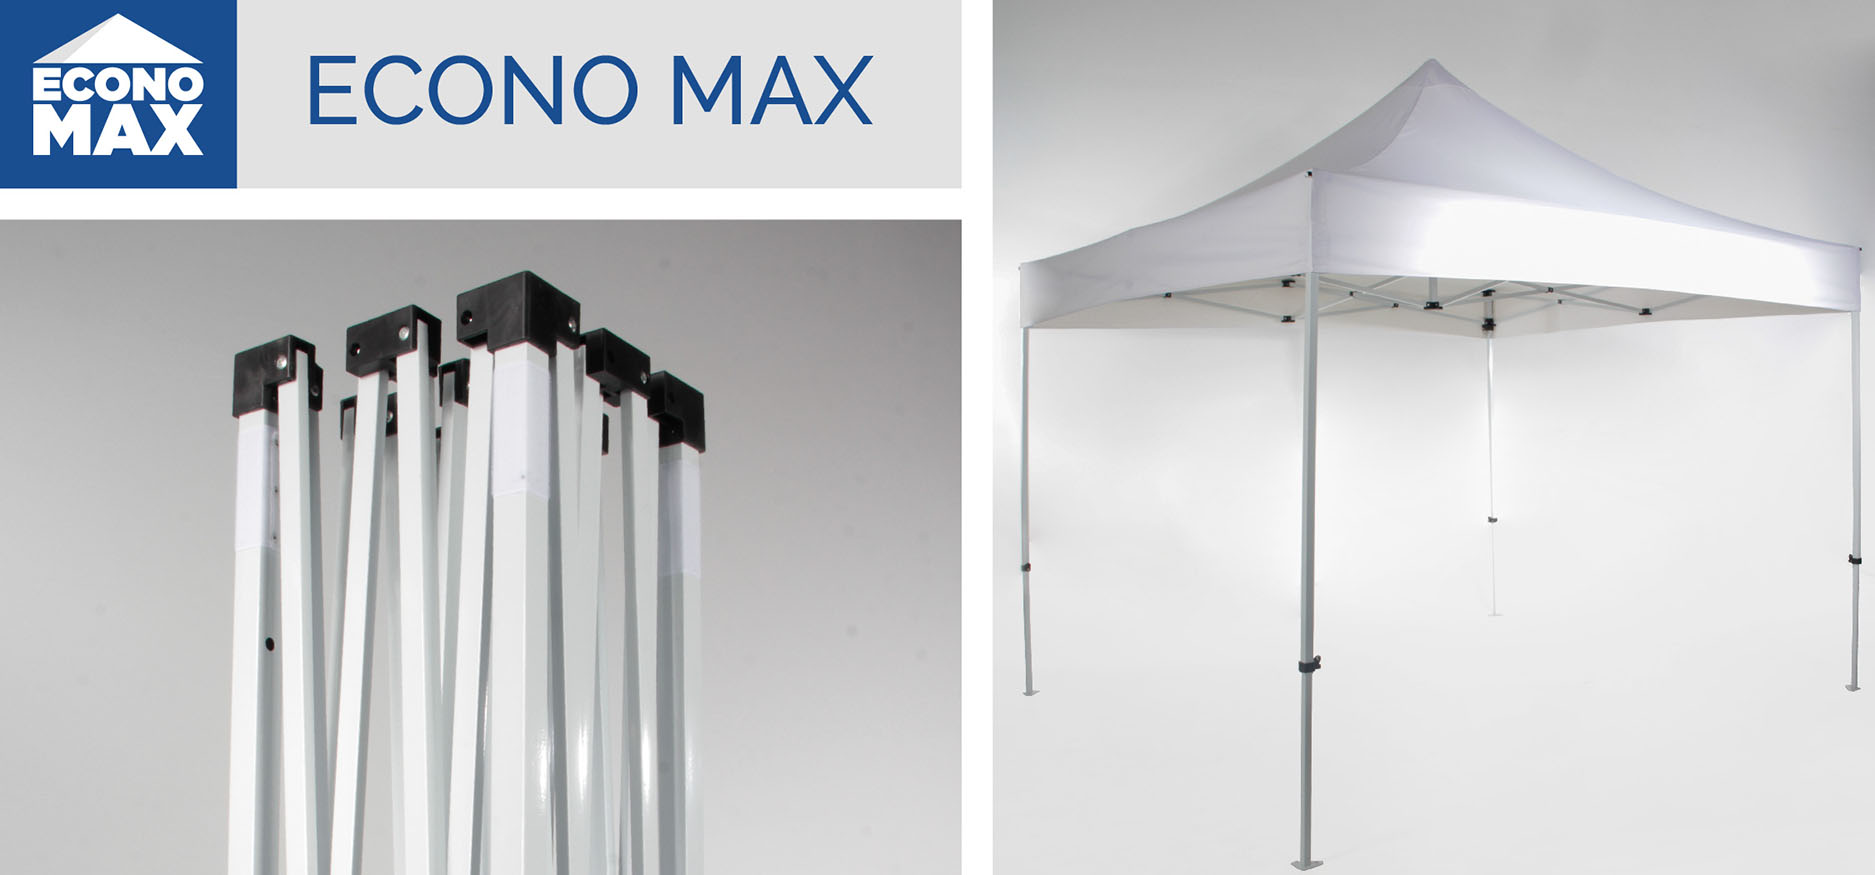 Econo-max-pop-up-frame